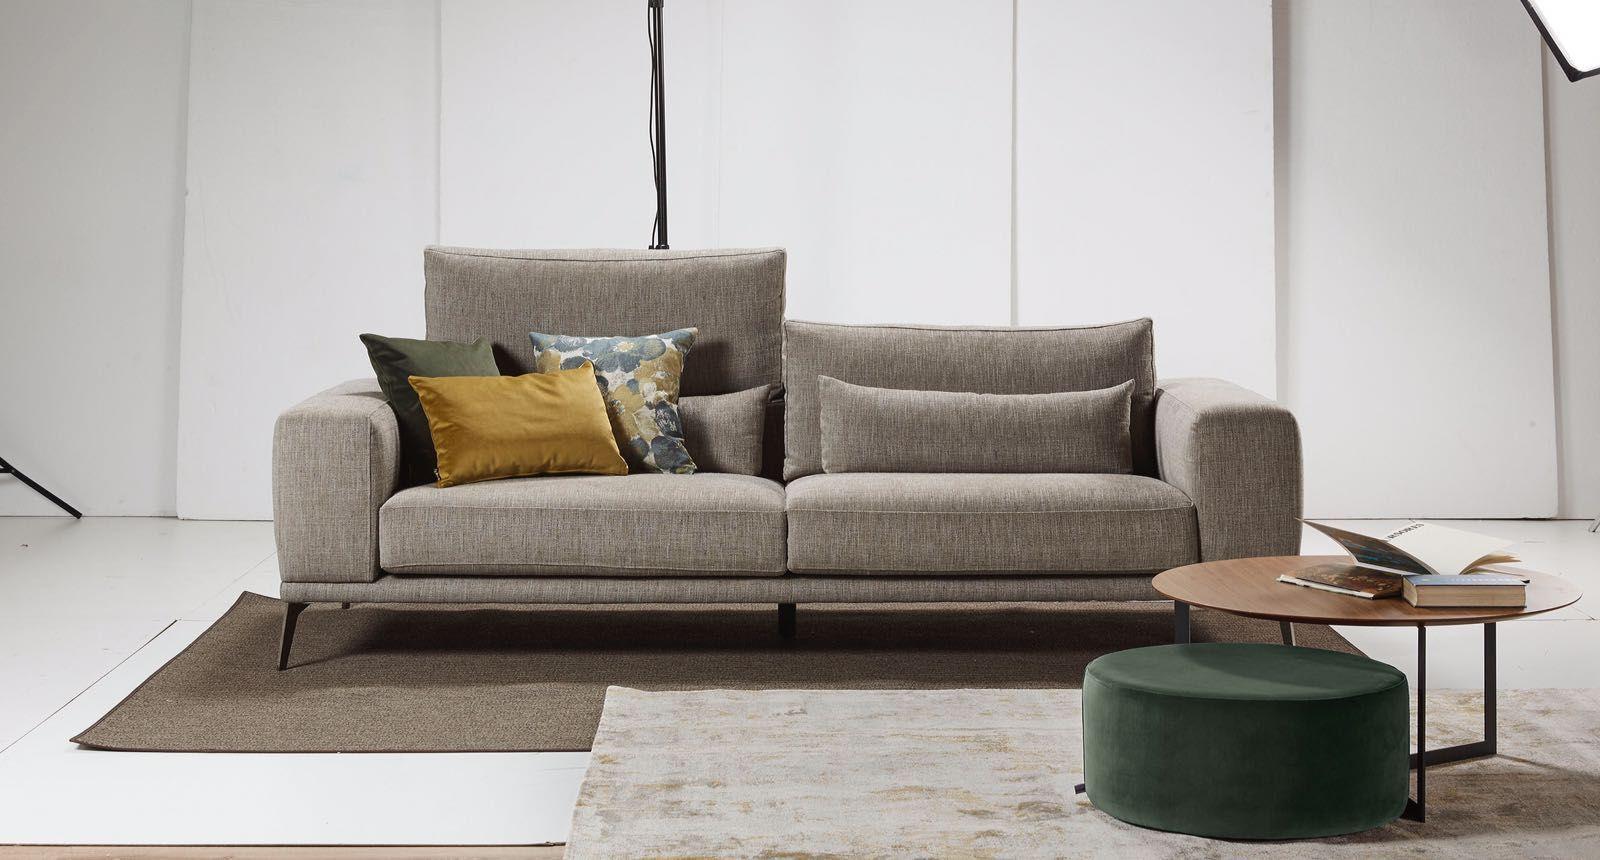 R stica ambientes apuesta por los muebles propios y for Grupo europa muebles